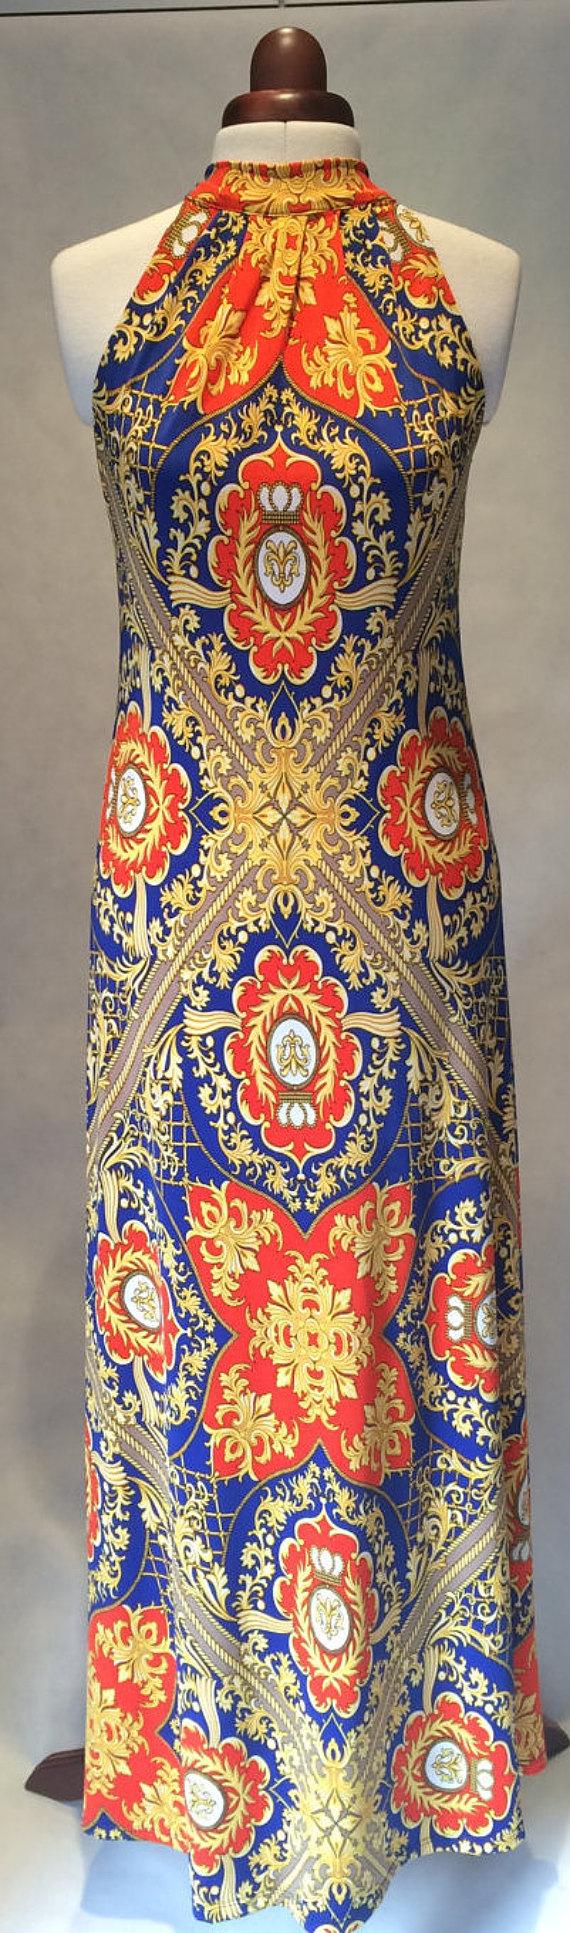 Summer dress maxi dress sleeveless dress long dress by valdenize